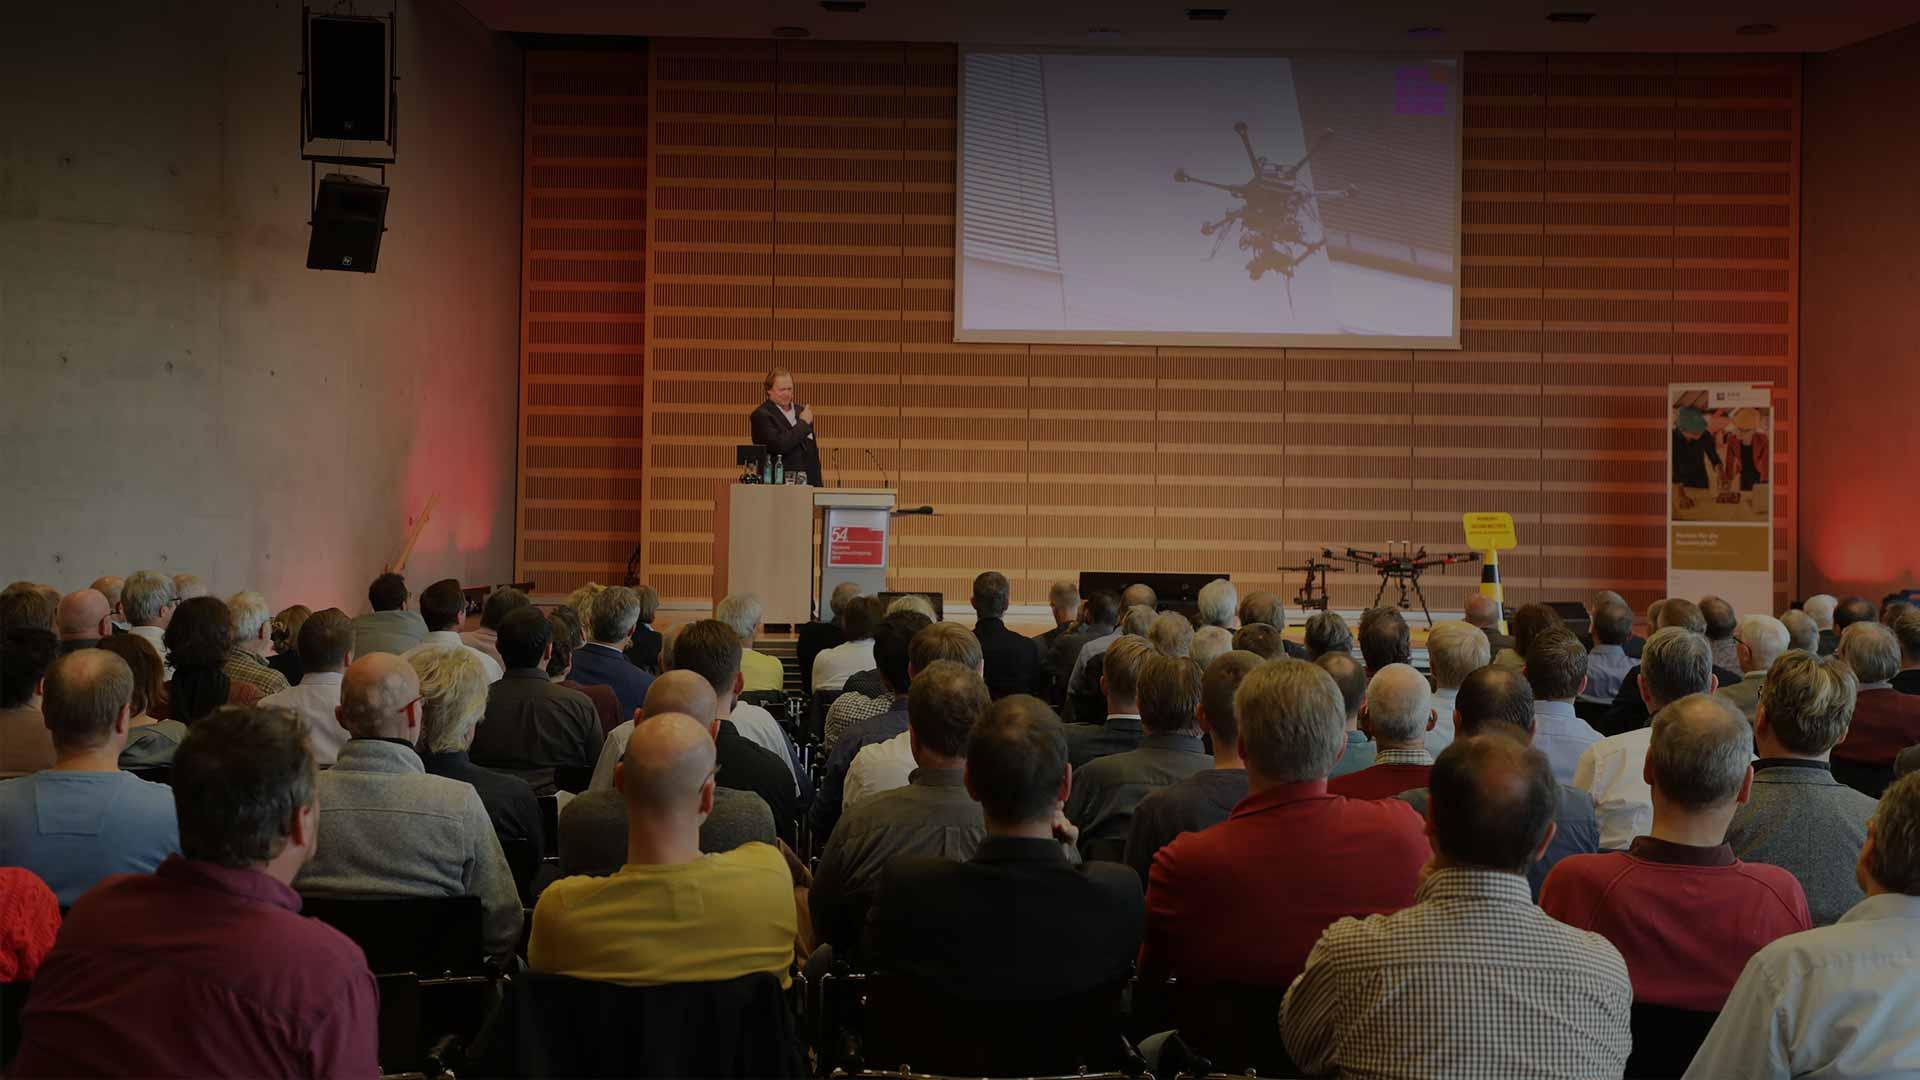 Fachvorträge - Bauwesen Individuell ausgearbeitete Vorträge zu Fachthemen am Bau und fesselnd zum Thema vorgetragen.